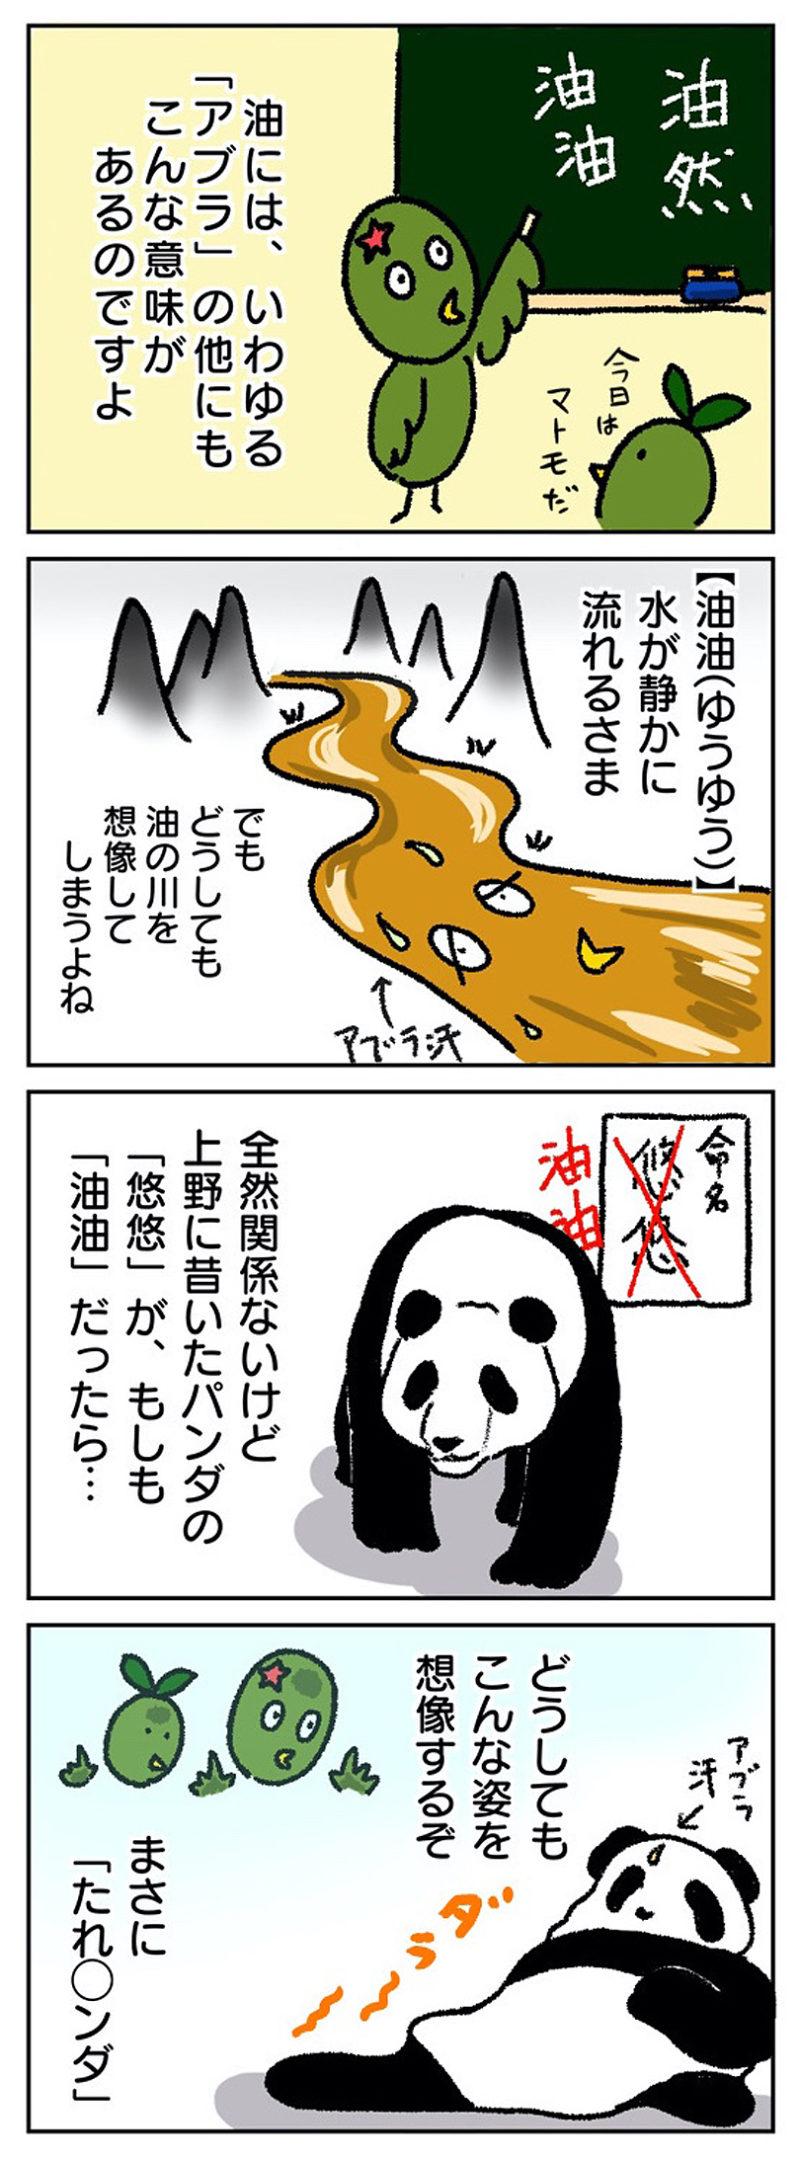 オイルのこばなし4コマ:醤油に「油」を使う理由とは?/乙幡啓子